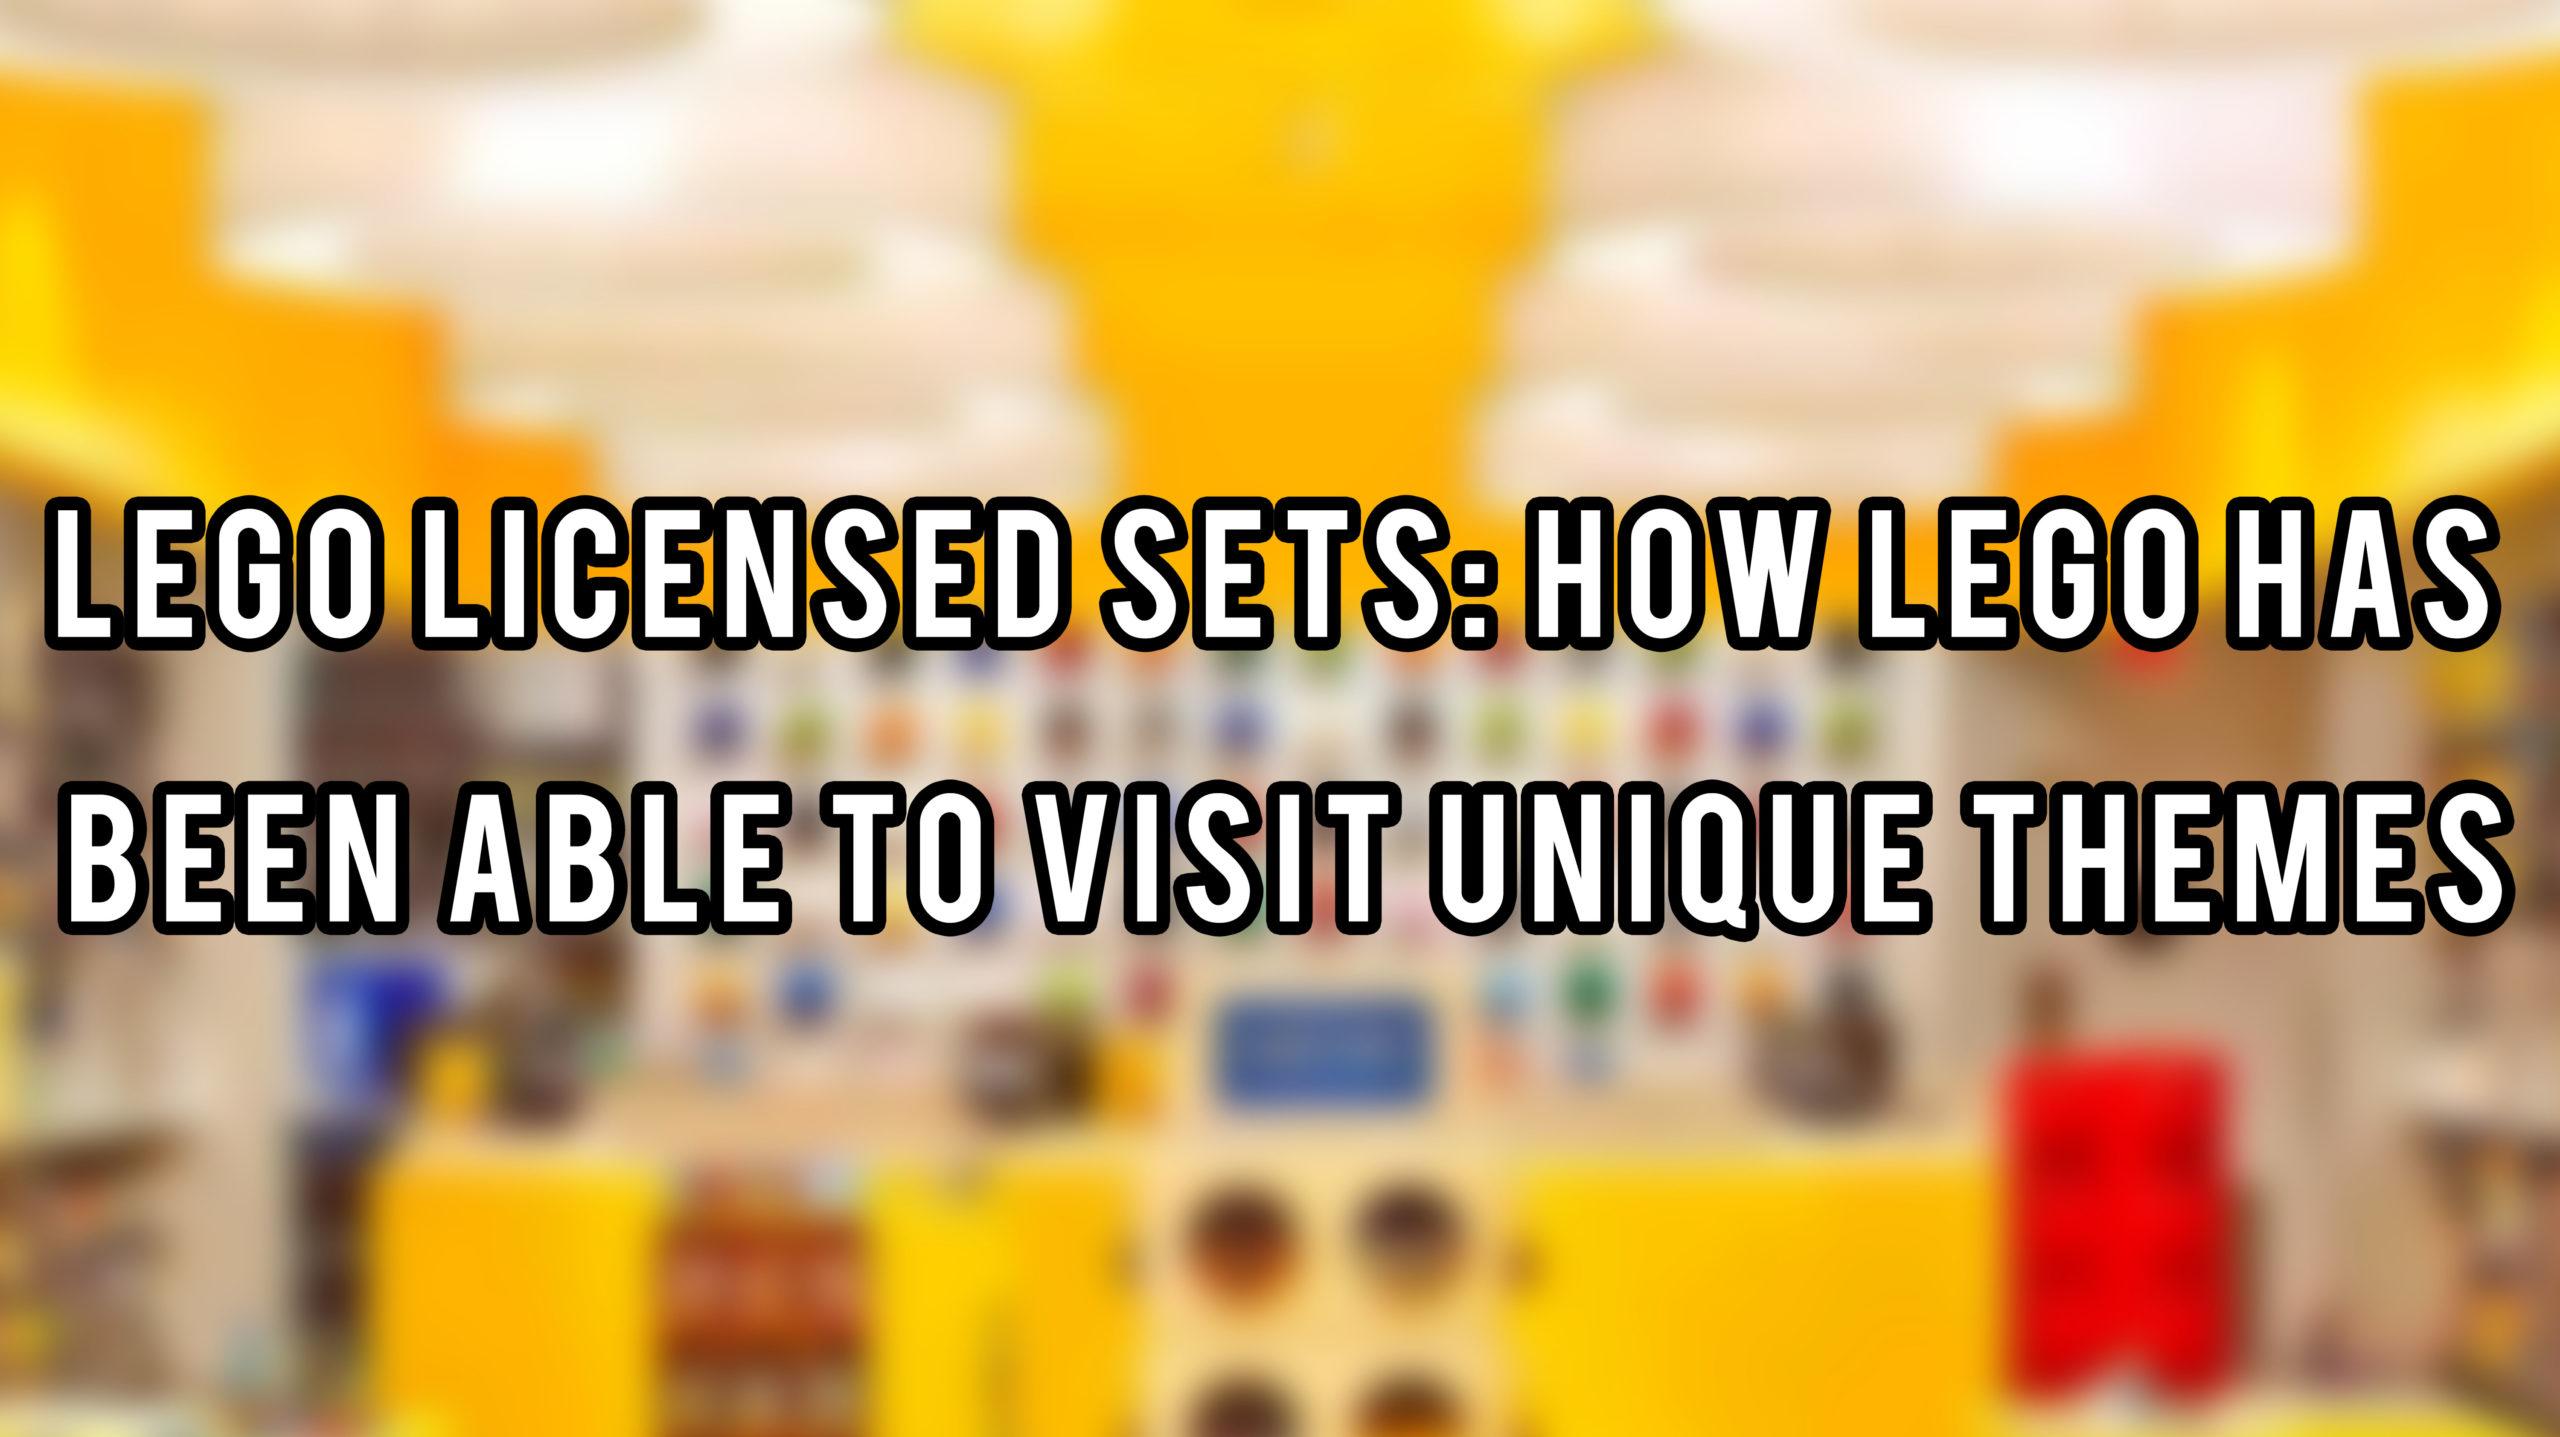 LEGO Licensed Sets - Header Image